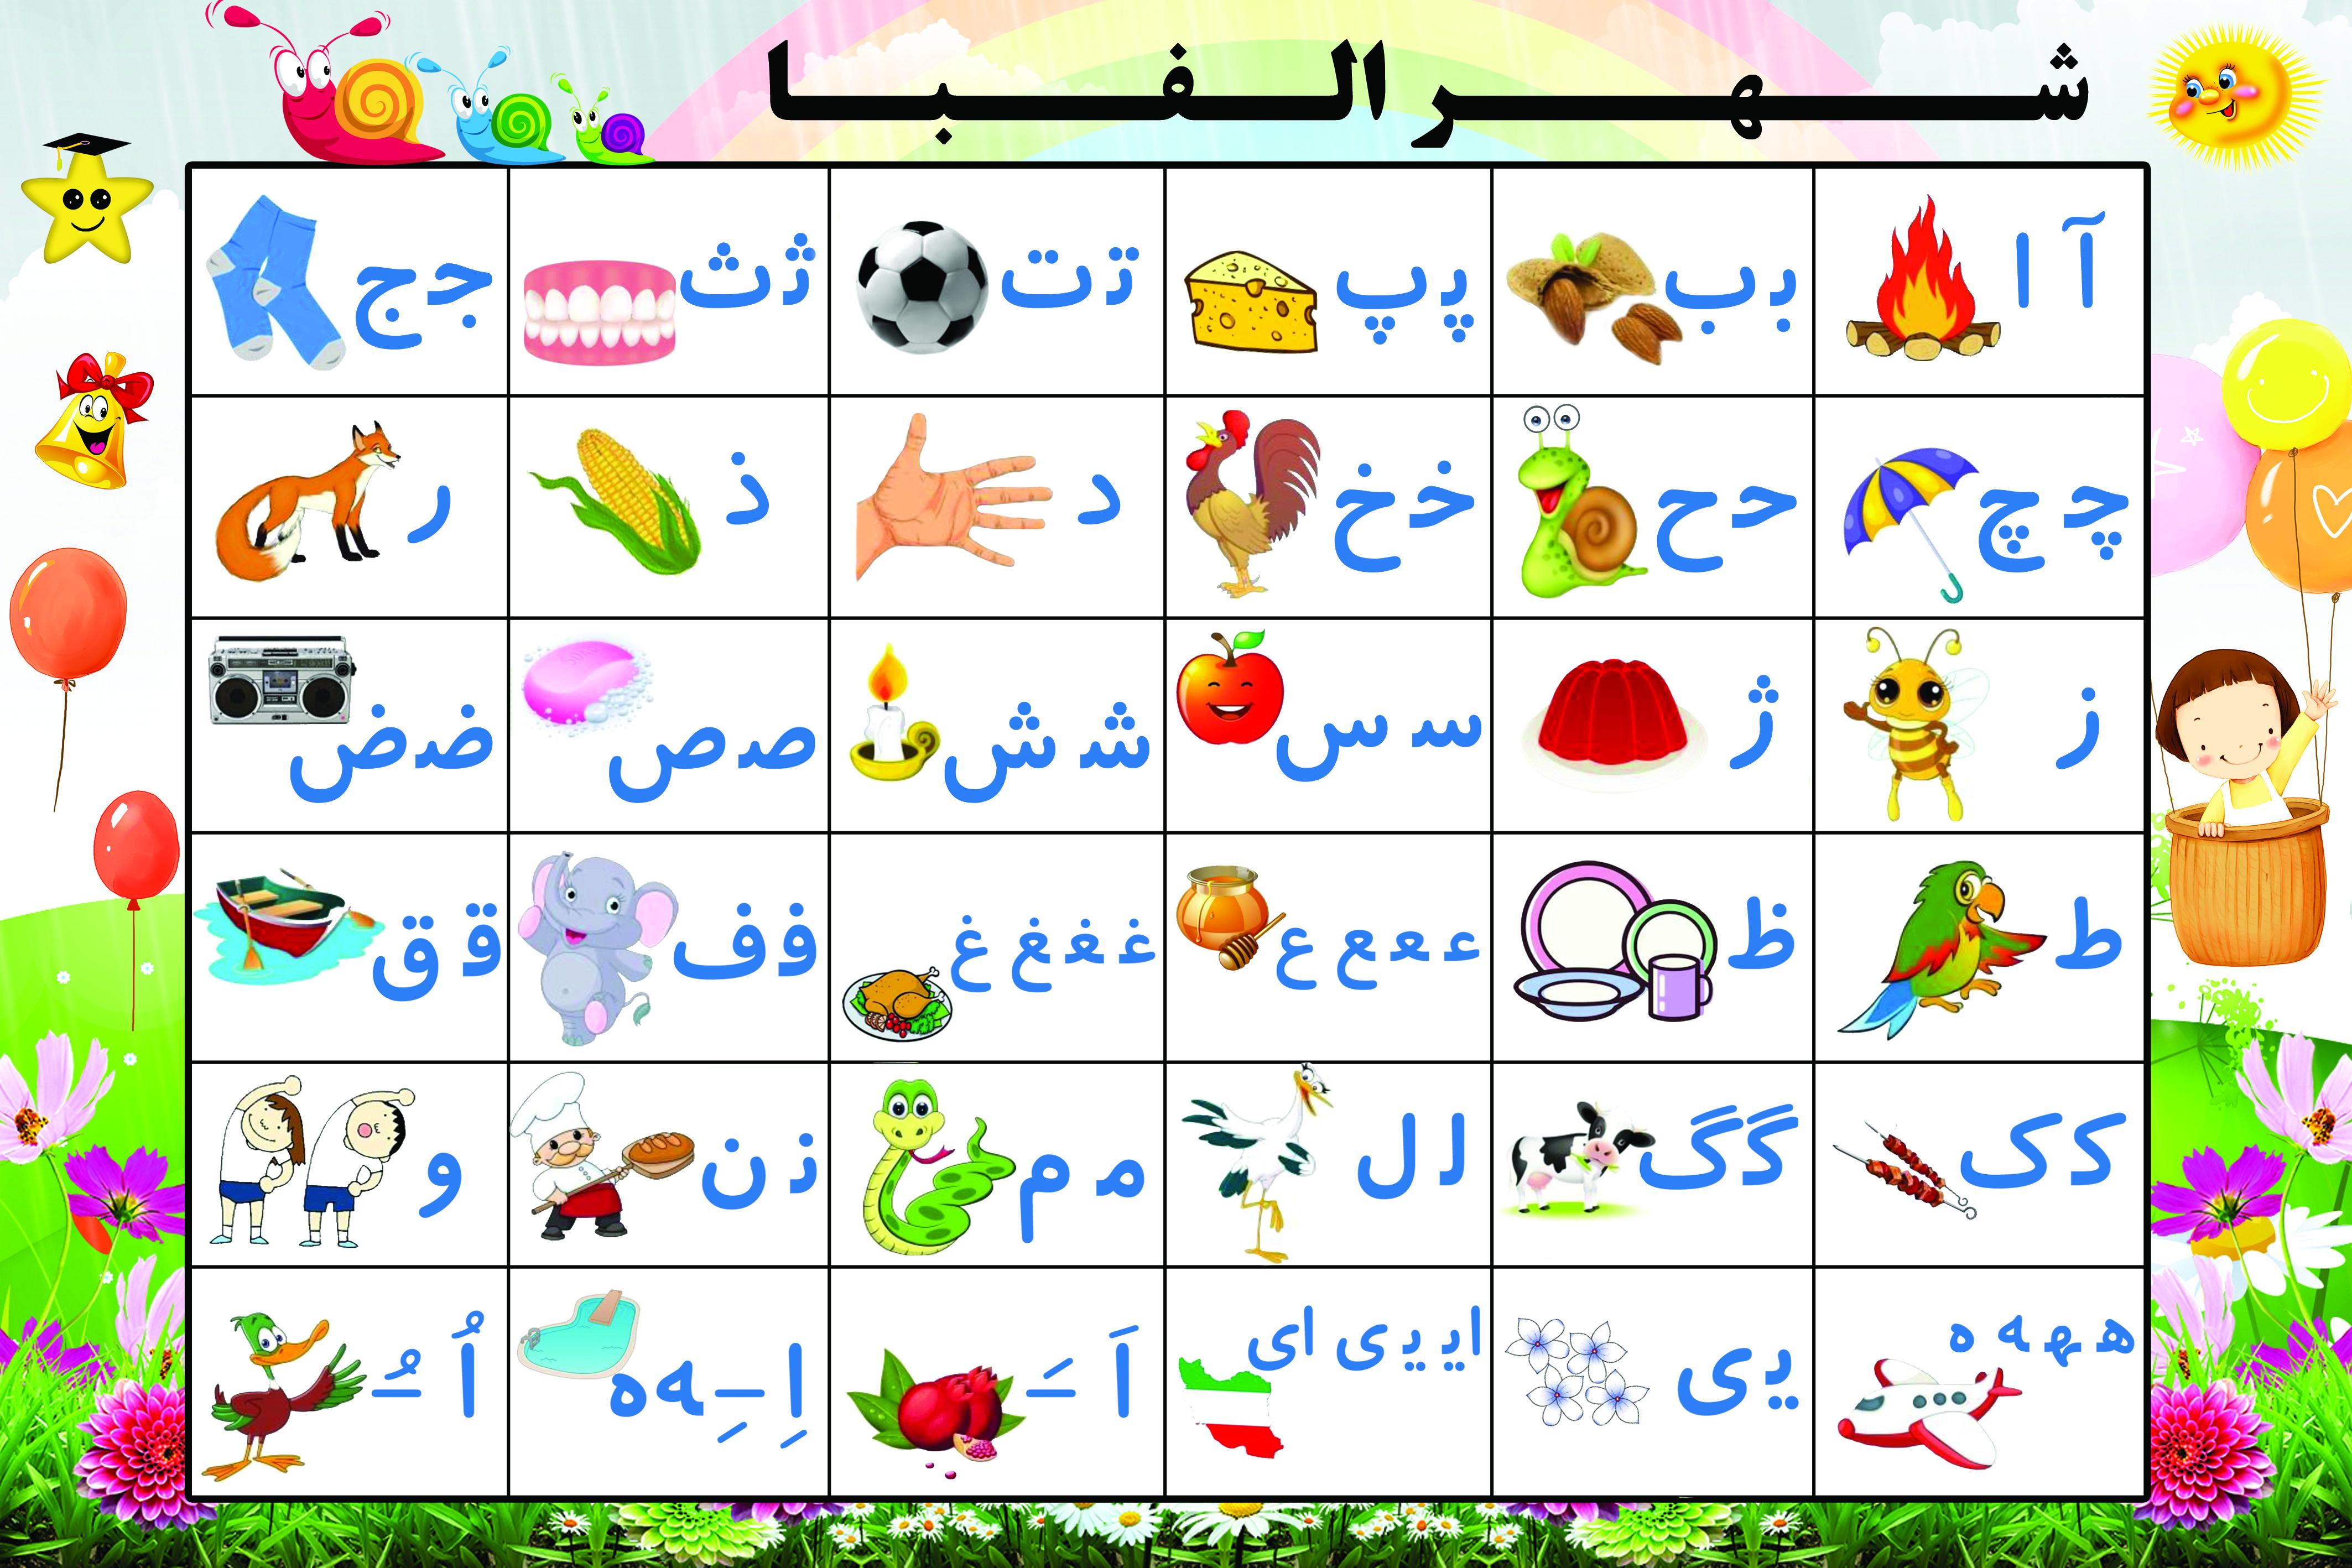 طرح لایه باز حروف الفبای فارسی